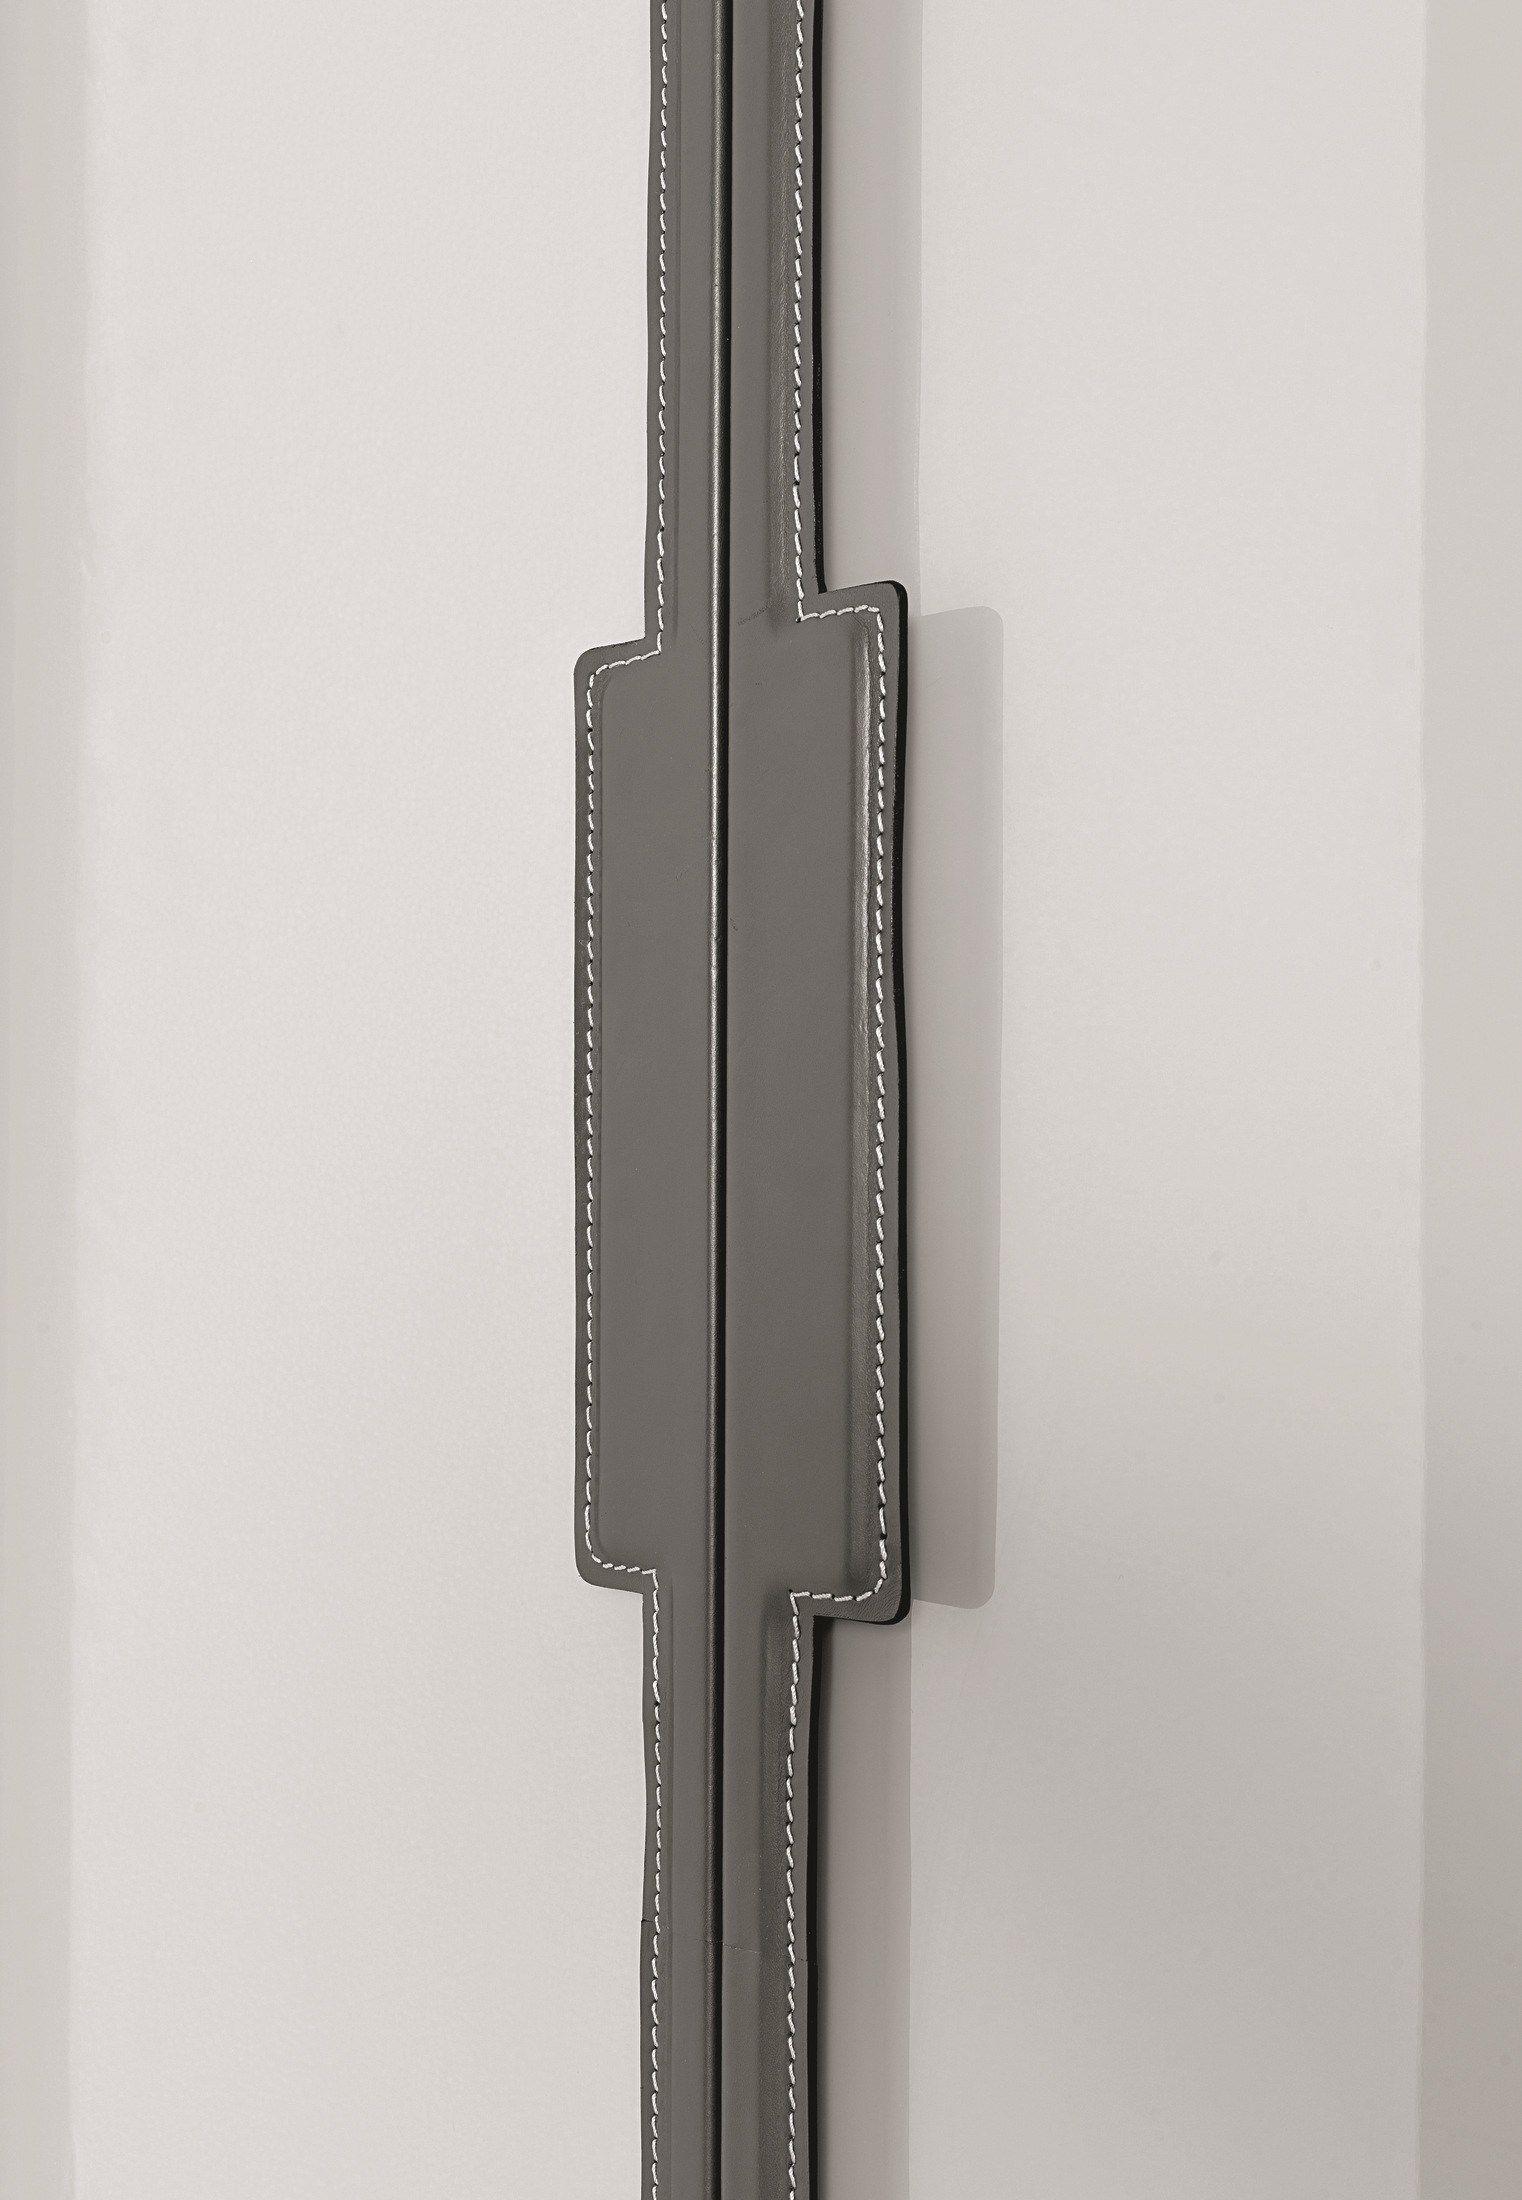 #6E635D Armoire En Bois à Portes Coulissantes Sur Mesure REVERS By  1161 armoires portes coulissantes sur mesure 1522x2200 px @ aertt.com